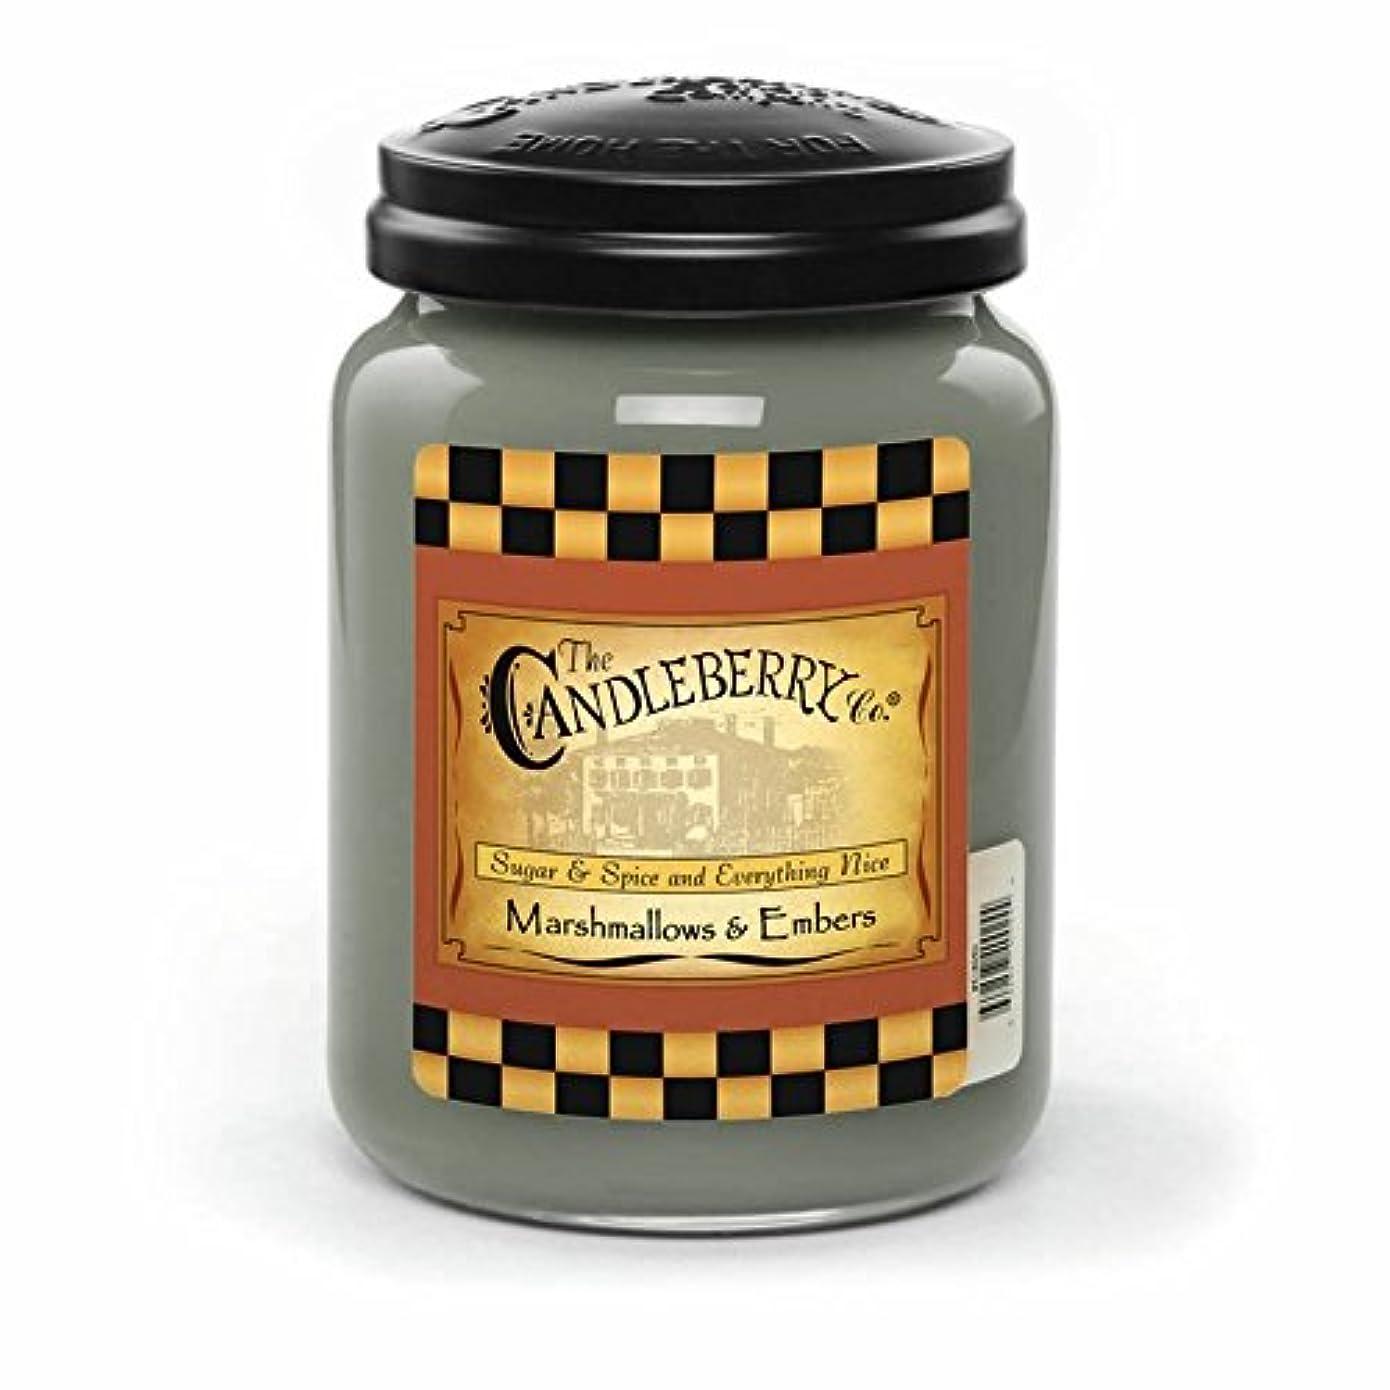 情報コンプリートやろうMarshmallow &残り火26オンスLarge Jar Candleberry Candle